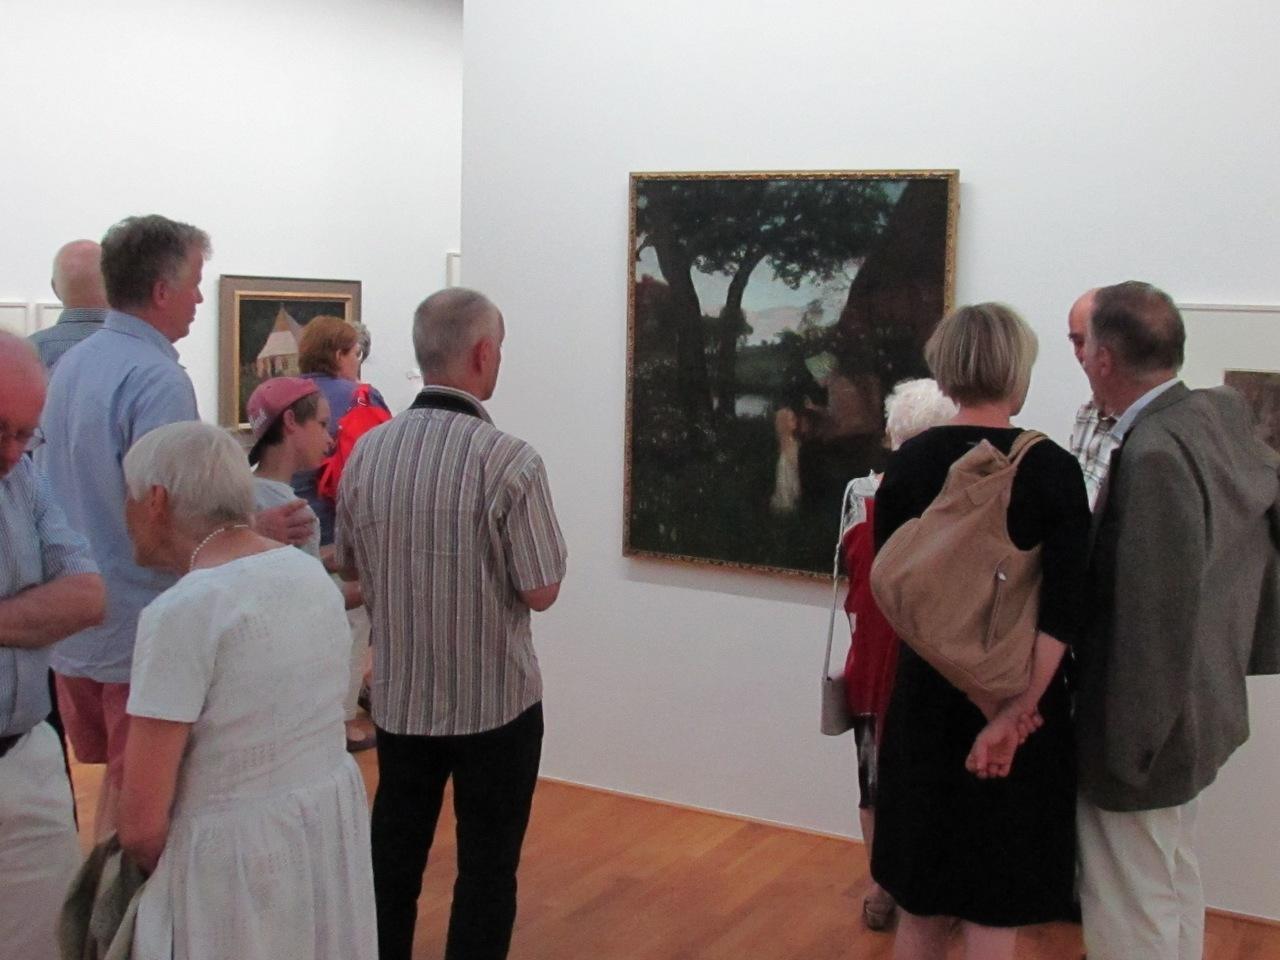 Viele Besucher verweilten vor dem Bild